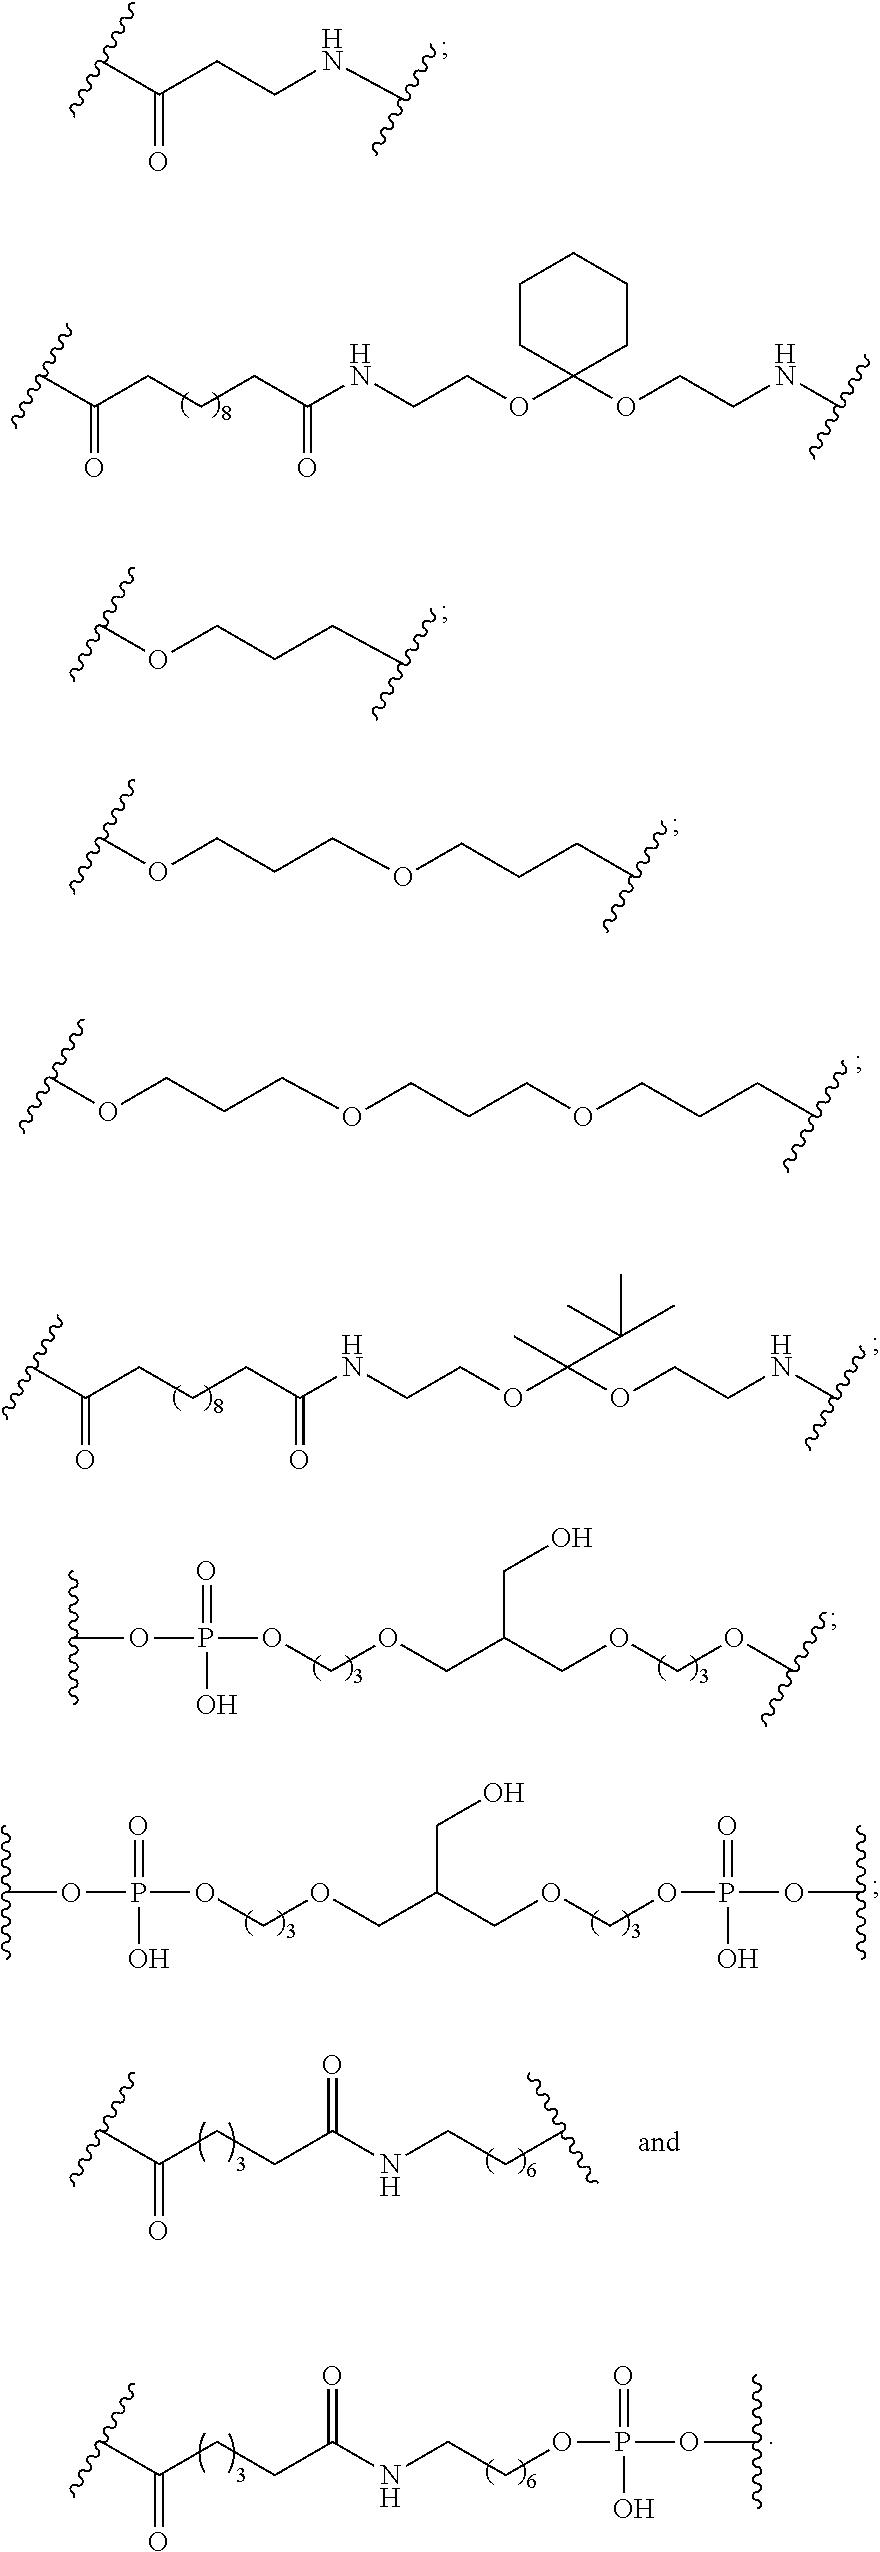 Figure US09943604-20180417-C00068